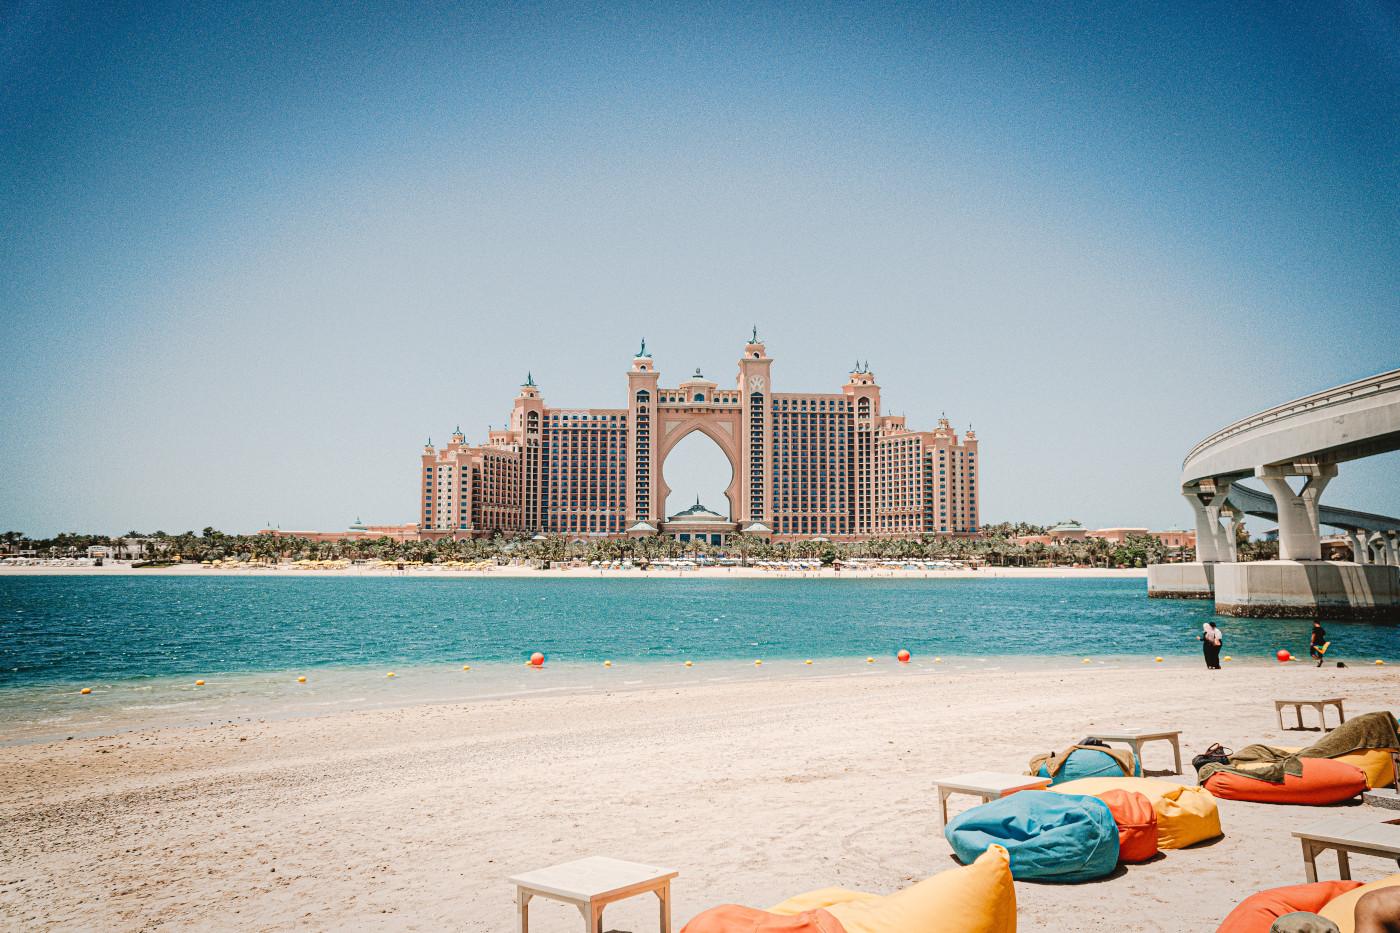 Du finder masser af lækre strand i Dubai - her fra en af strandene på Dubai The Palm med udsigt til Atlantis